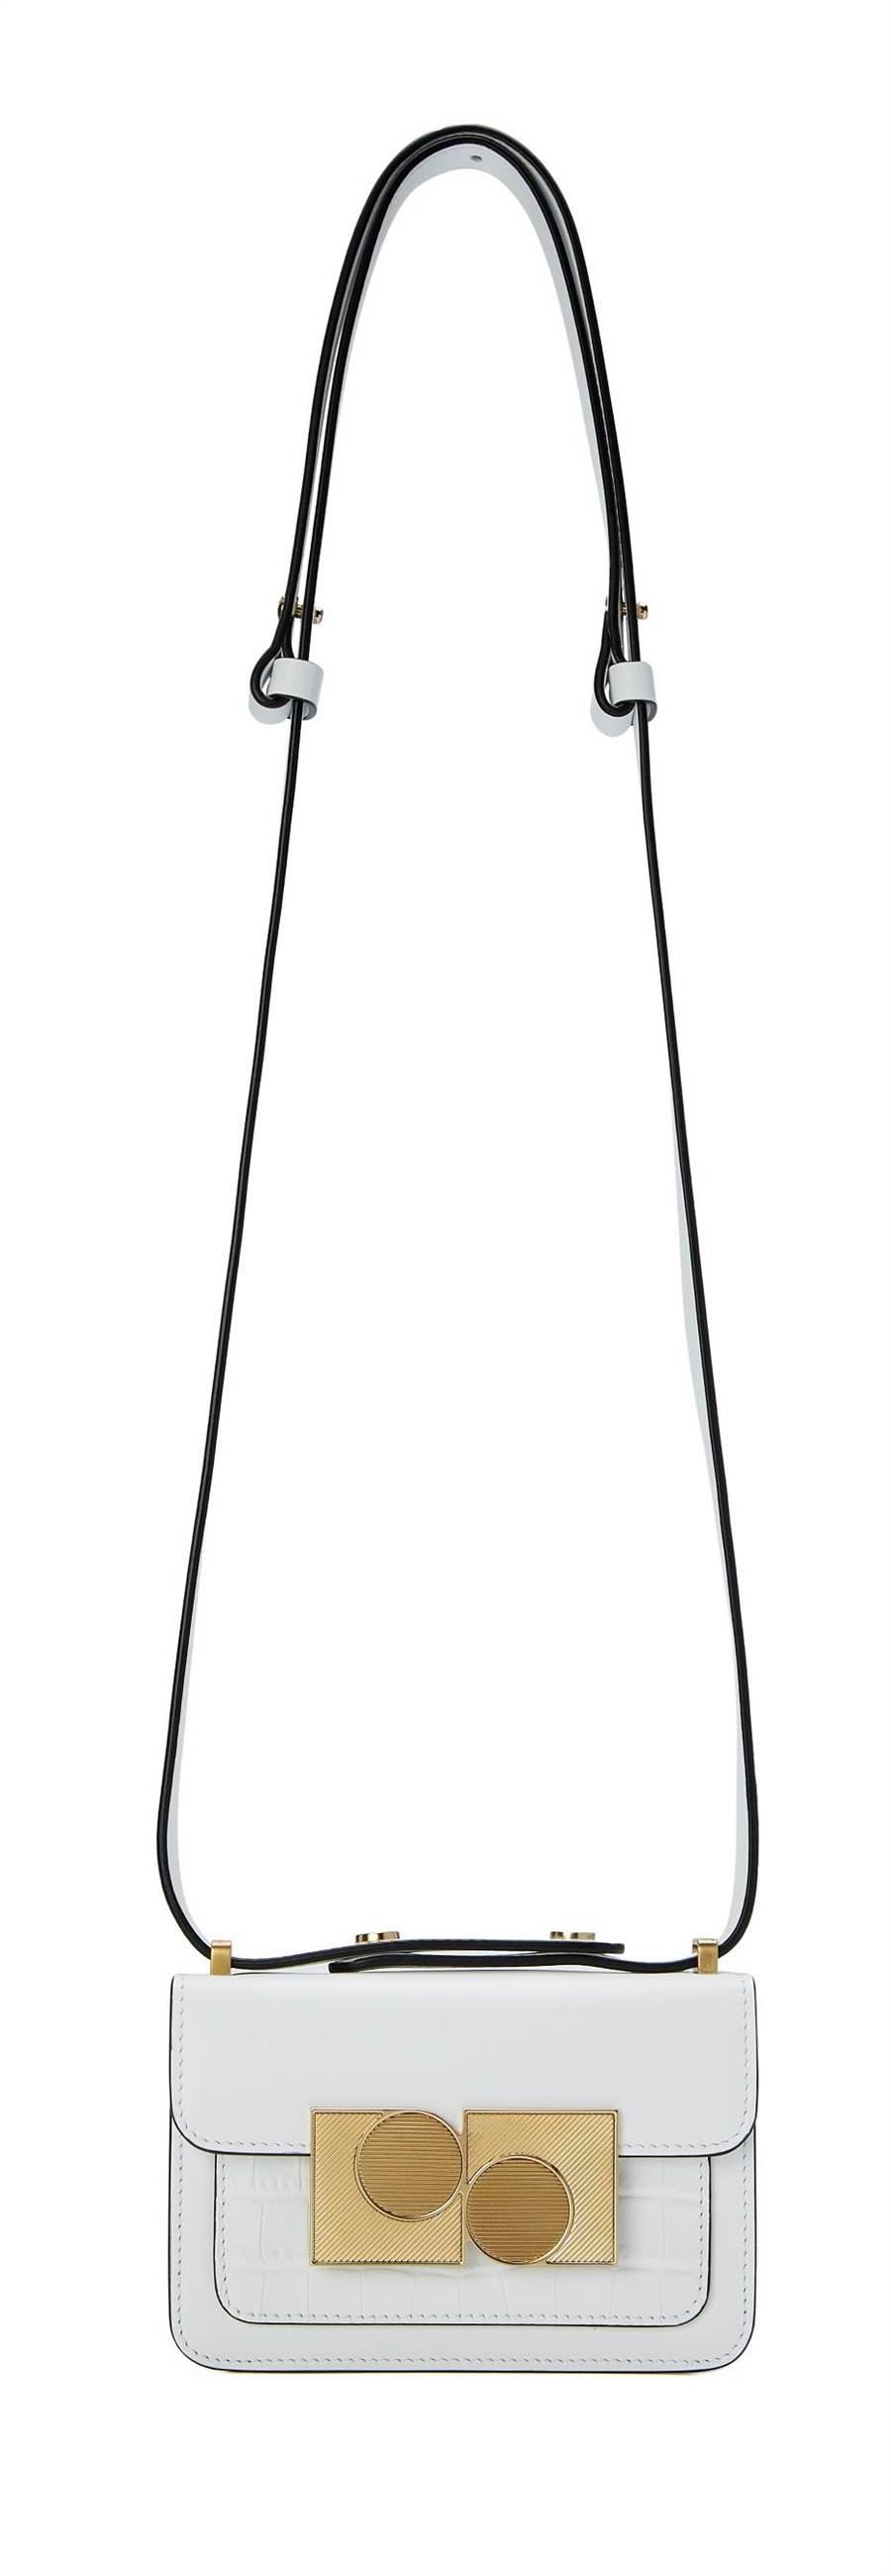 「微风之夜特典-乌托邦黄金周」PORTS1961 Anika 迷你肩背包,原价1万7800元、直播VIP价1万6910元,首次登台限时预购9.5折,加赠品牌戒指。(微风提供)